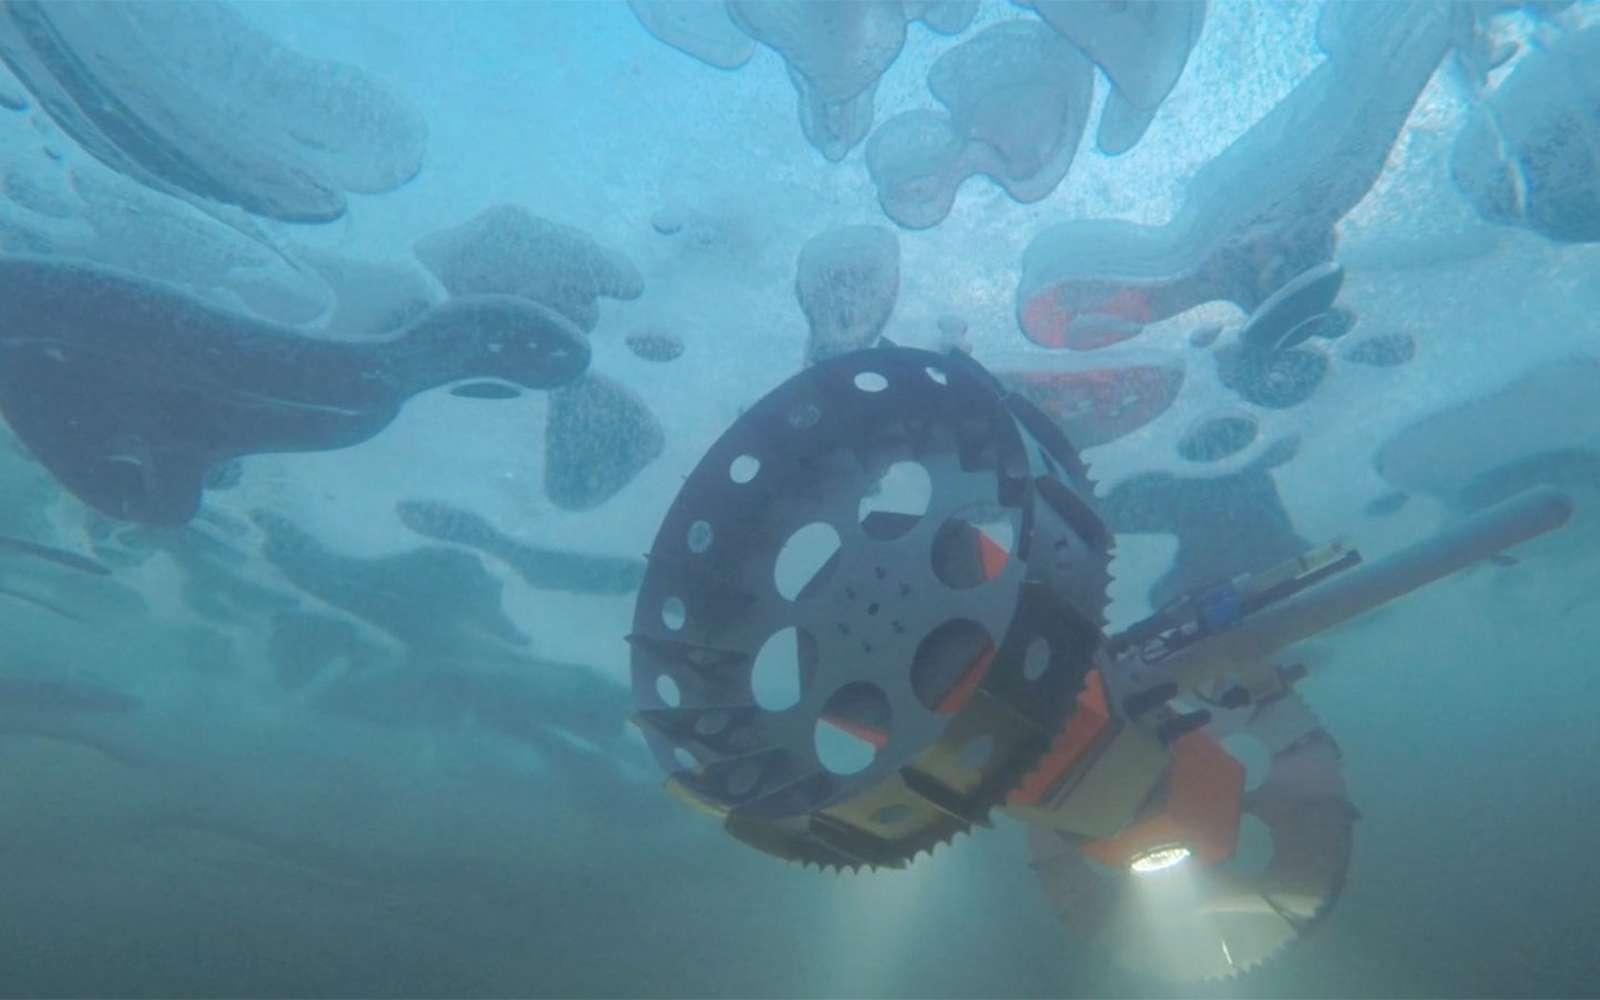 Bruie, lors de ses premiers tests en Alaska en 2015. Ses roues crantées lui permettent de se cramponner à la glace. © Nasa, JPL-Caltech